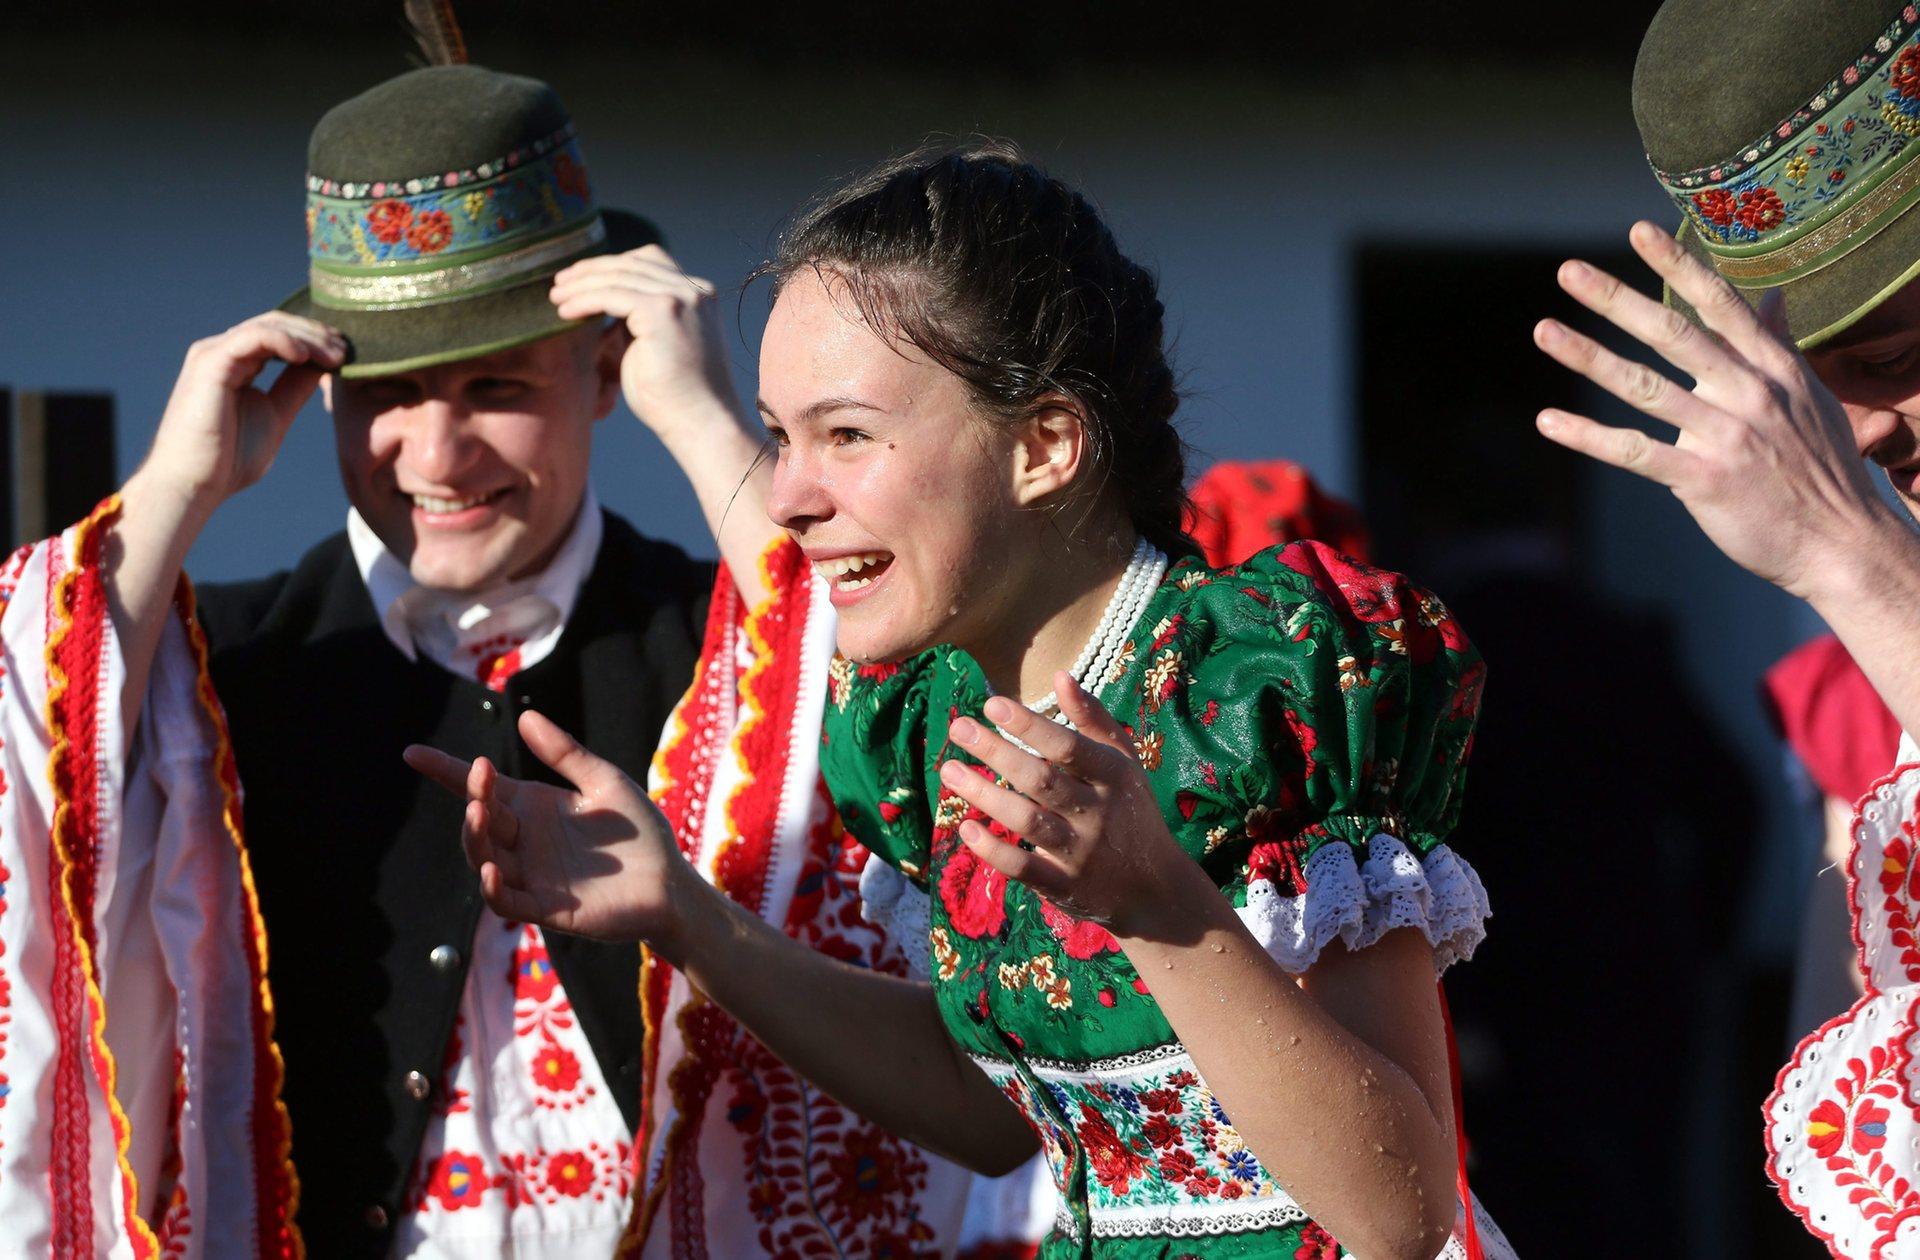 Mezőkövesd, Унгария Млада жена мокра до кости, след като мъже я поливат с вода в народната традиция на Великден Снимка: Янош Вайда / EPA